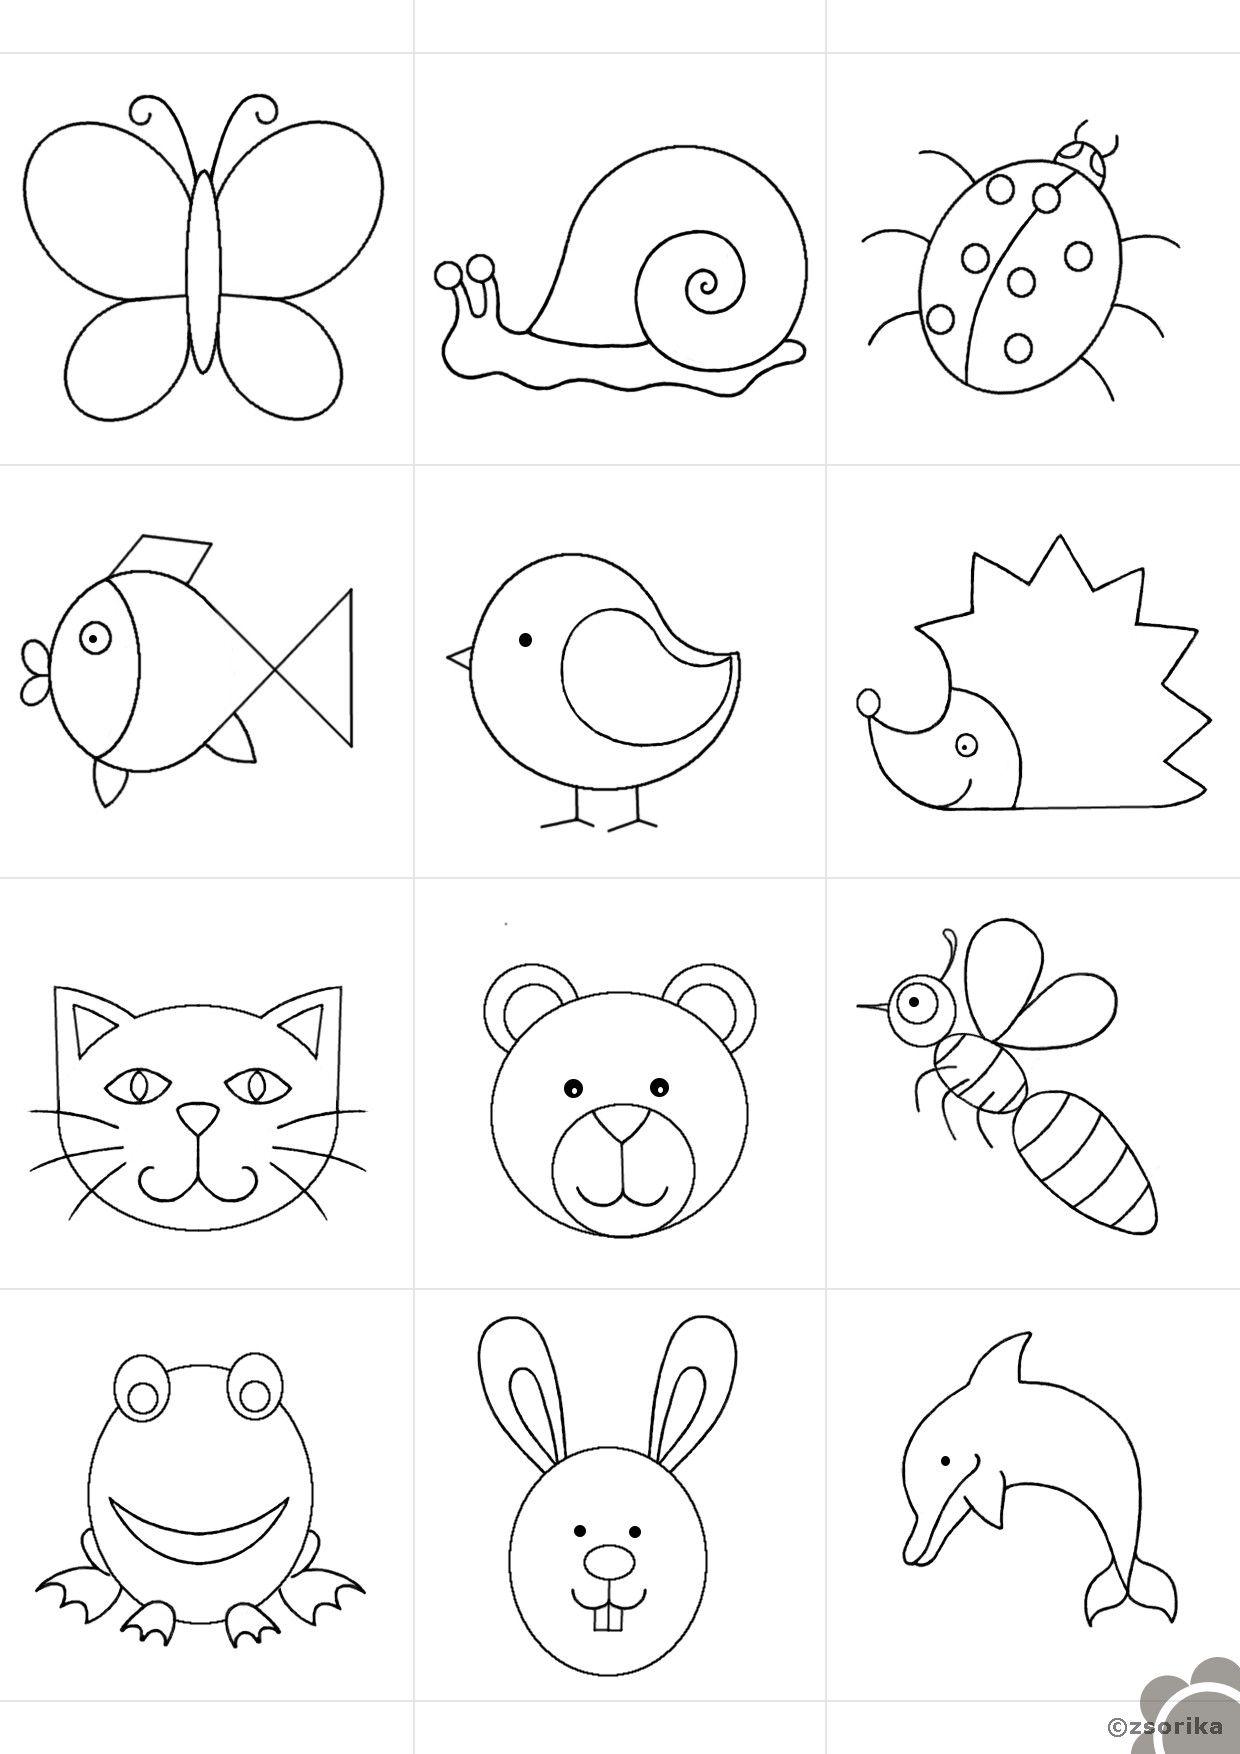 társasjáték sablon - Google keresés | Kreatív | Pinterest | Dibujo ...